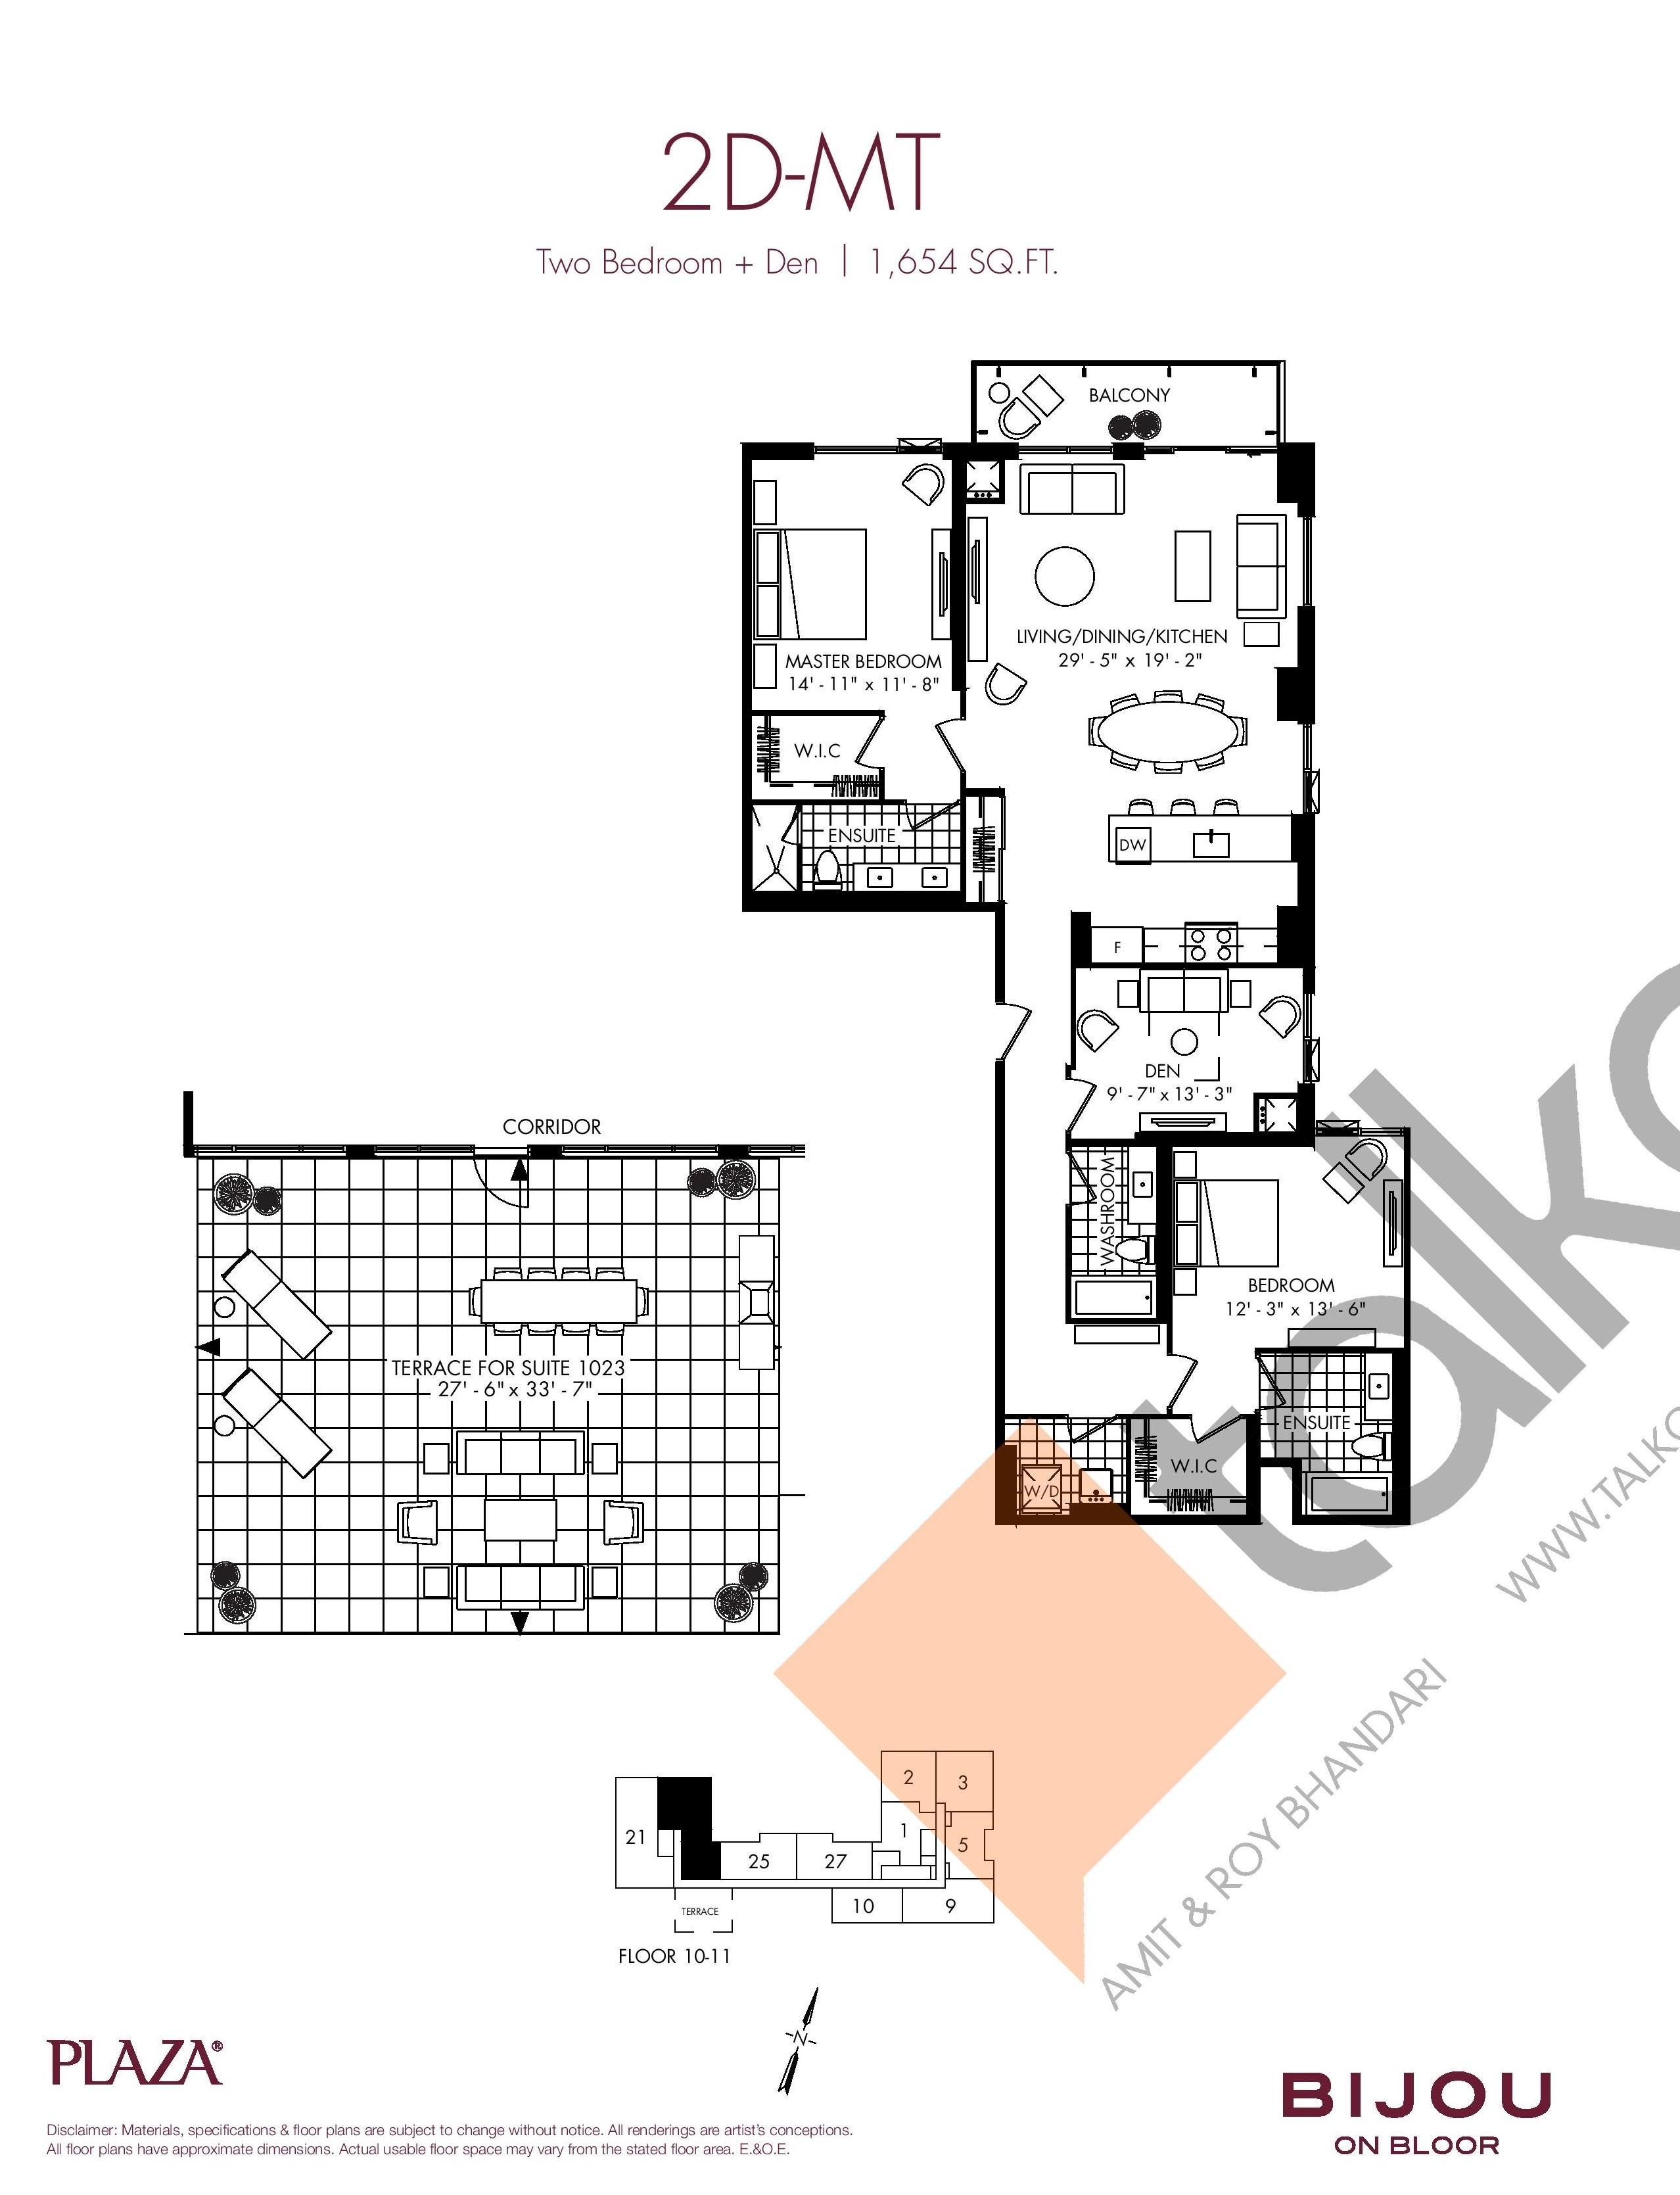 2D-MT Floor Plan at Bijou On Bloor Condos - 1654 sq.ft